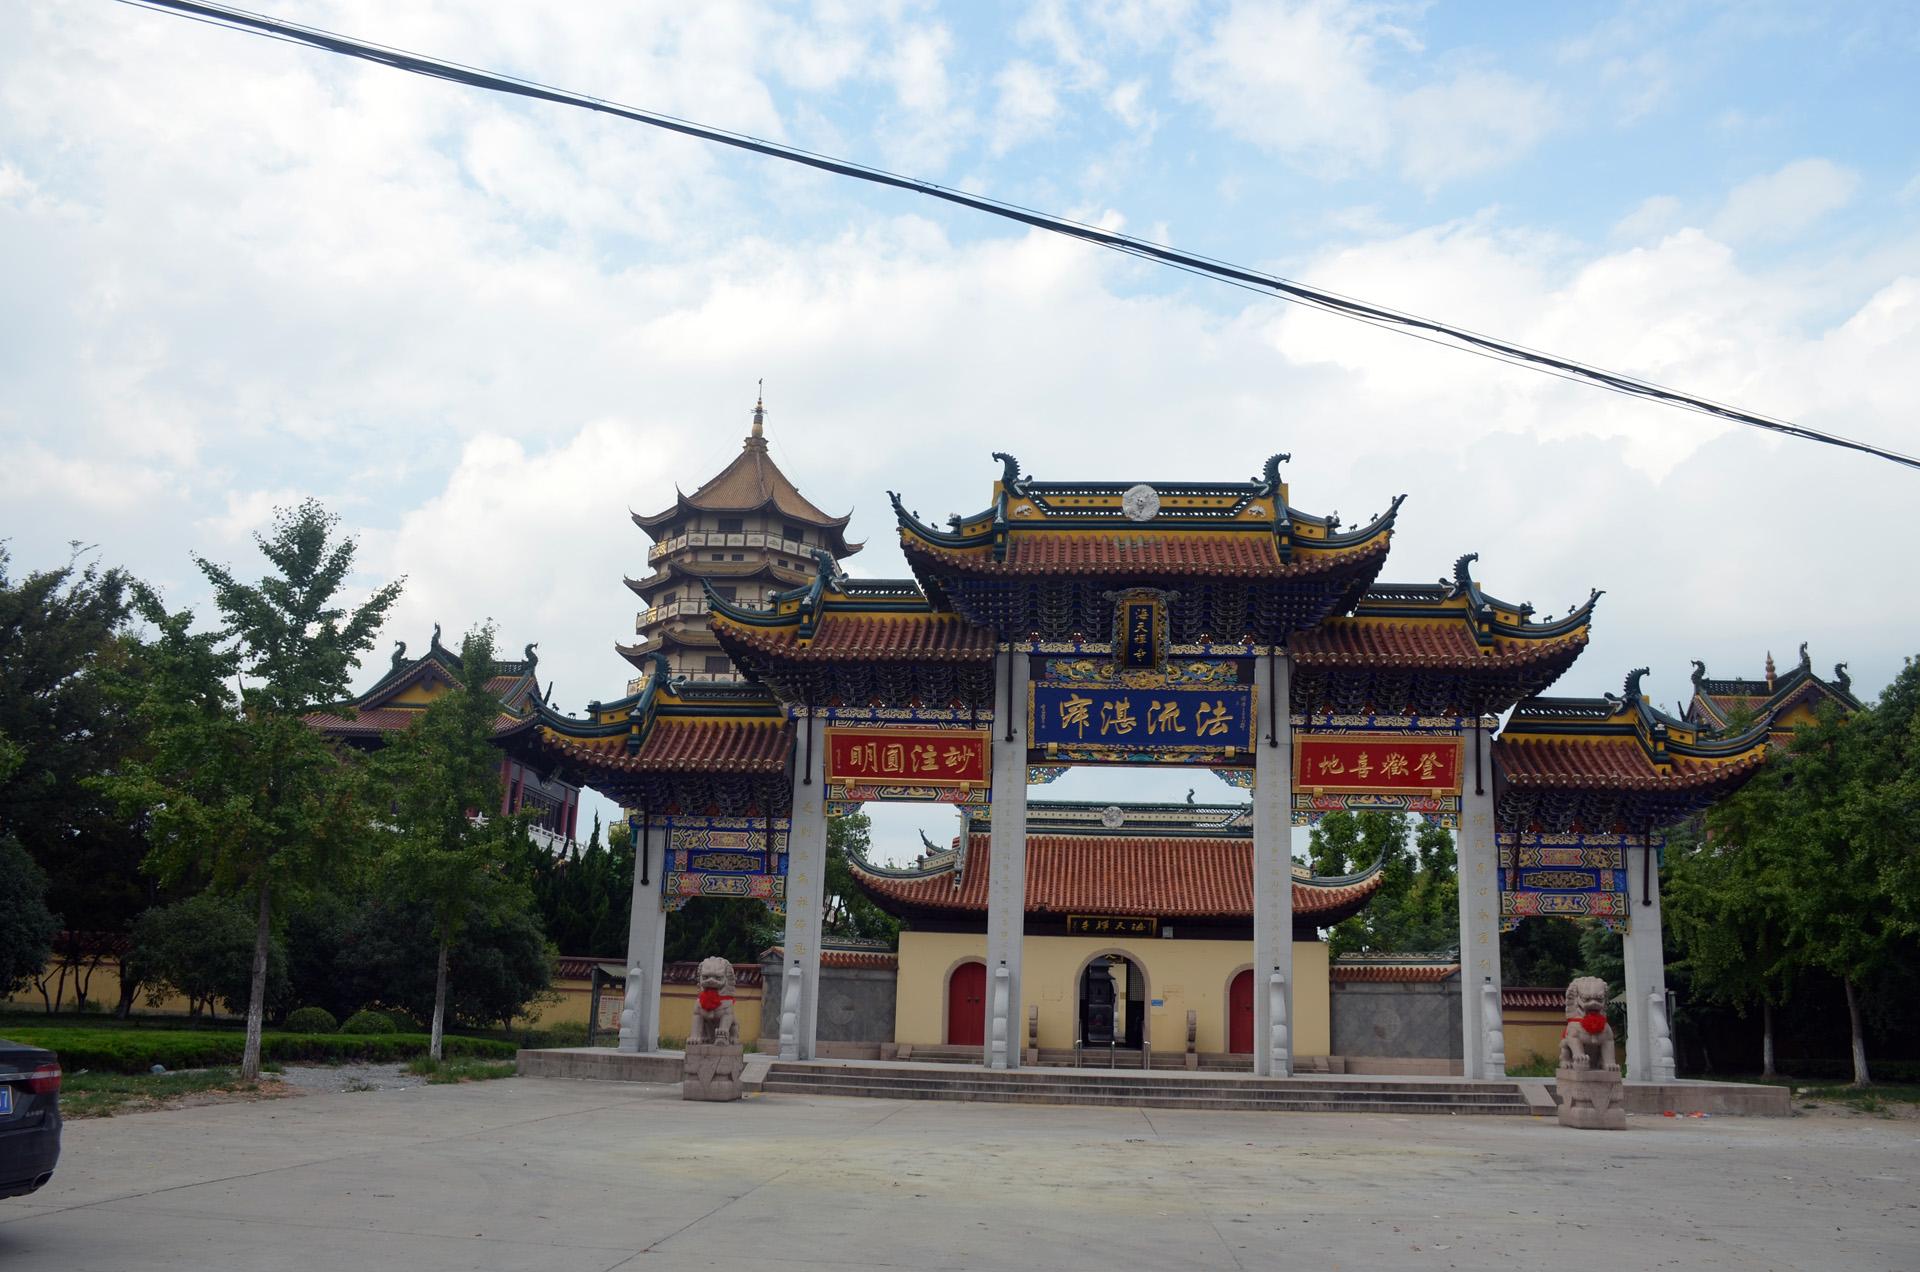 远景多角度太仓海天禅寺红庙的宏伟和江南缥缈正在建设的后殿 这里是太仓 摄影 第31张